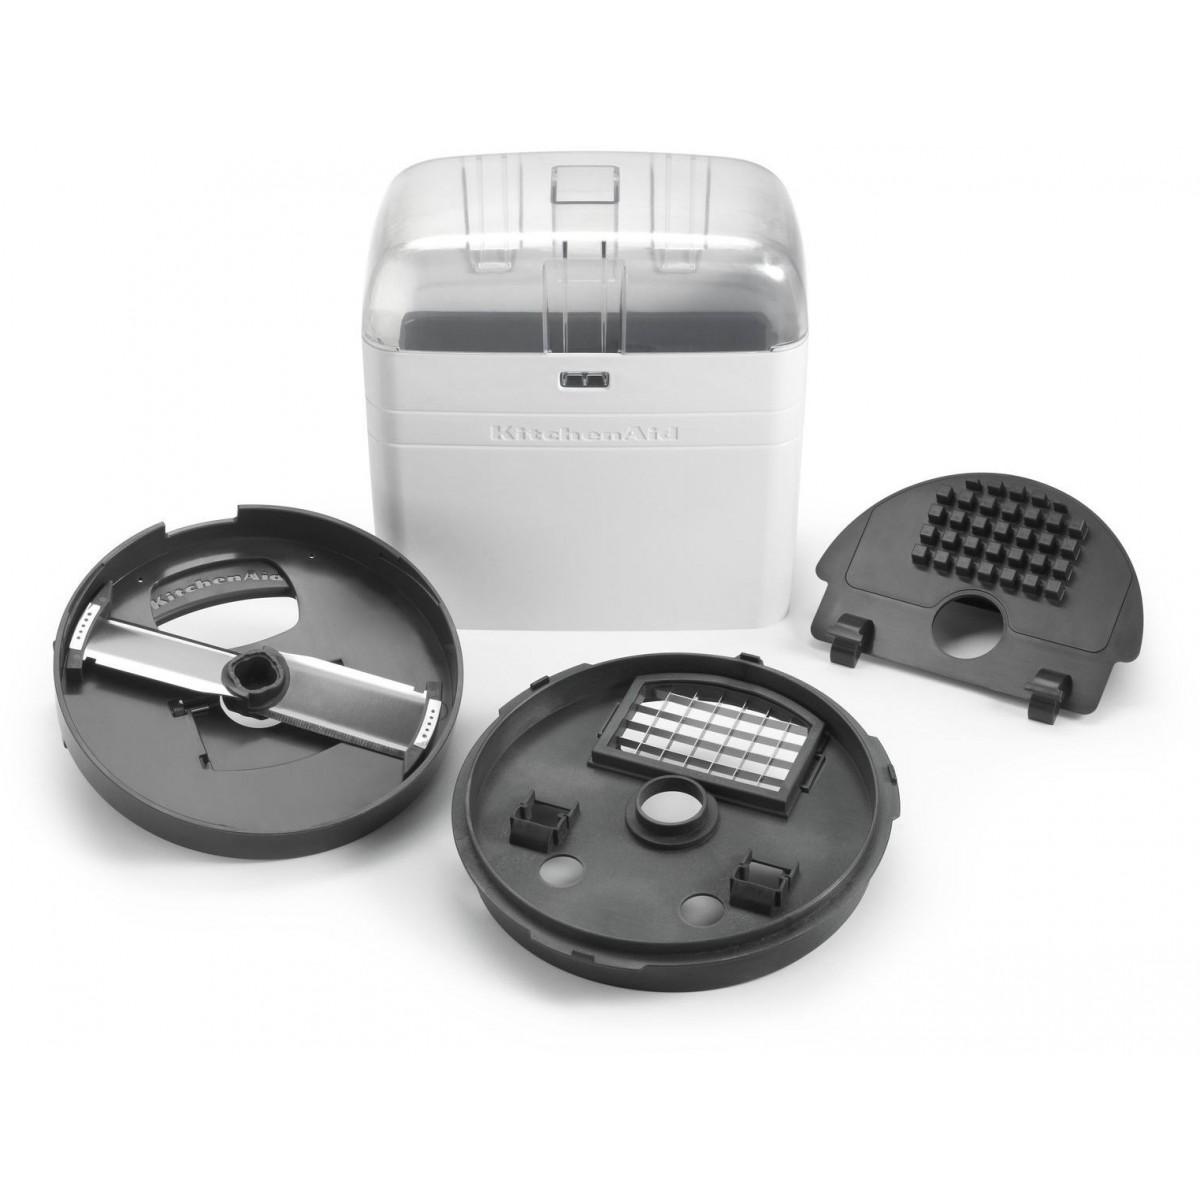 KitchenAid Диск-нож KitchenAid для нарезки кубиками 12мм для комбайна 3,1л, 5KFP13DC12 kitchenaid диск нож кубики 12 мм для 5kfp1335 и 5kfp1326 комплект 5kfp13dc12 kitchenaid